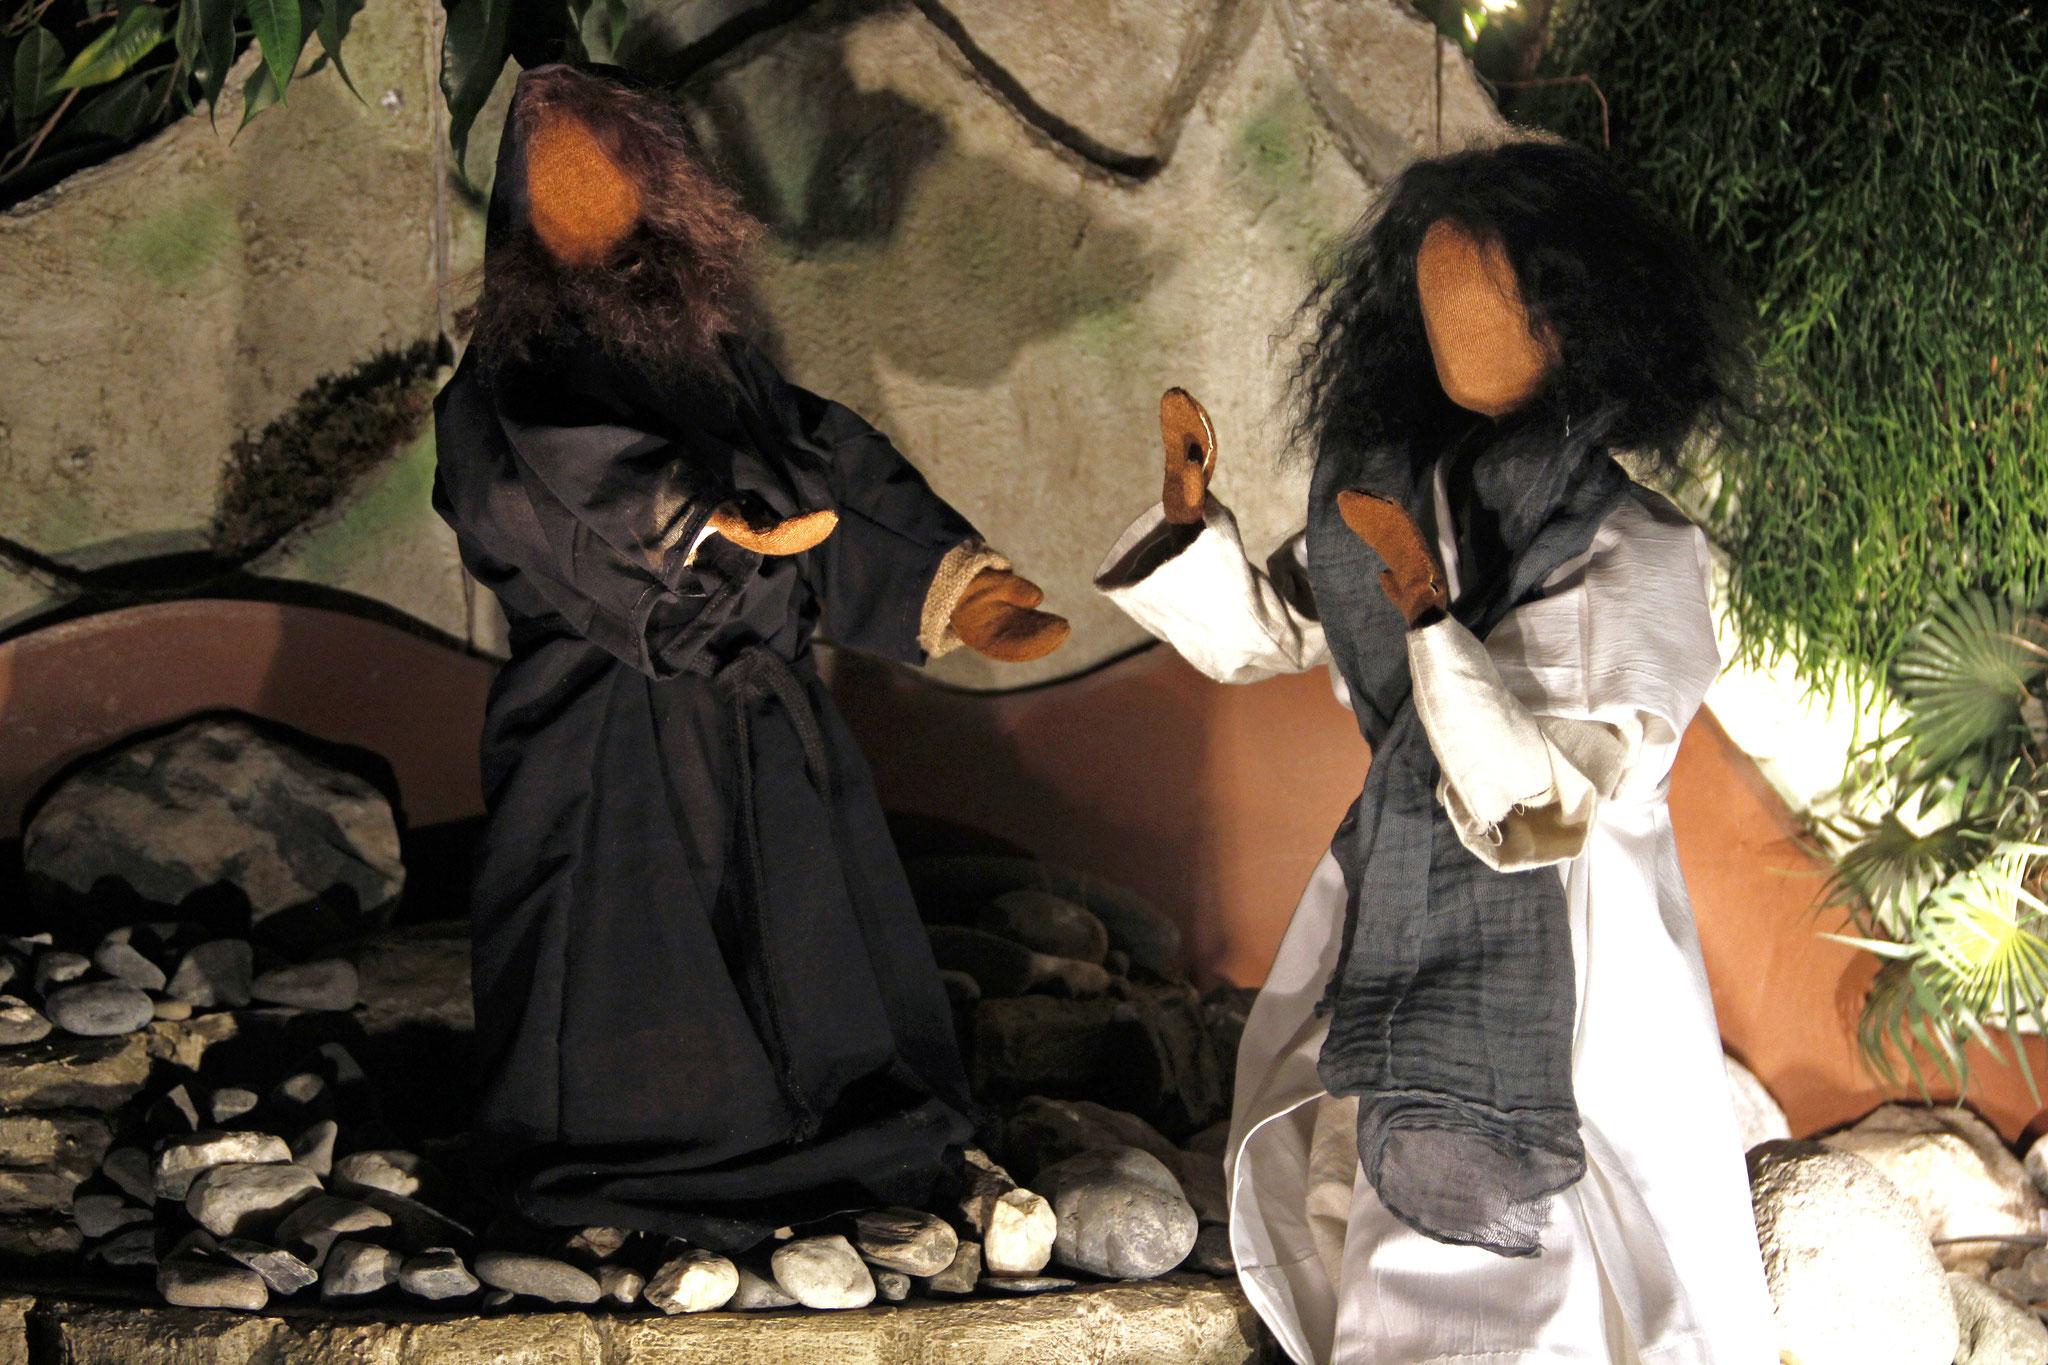 Da sagte Jesus zu ihm: Weg mit dir, Satan! Denn in der Schrift steht: Vor dem Hern, deinen Gott, sollst du dich niederwerfen und ihm allein dienen.